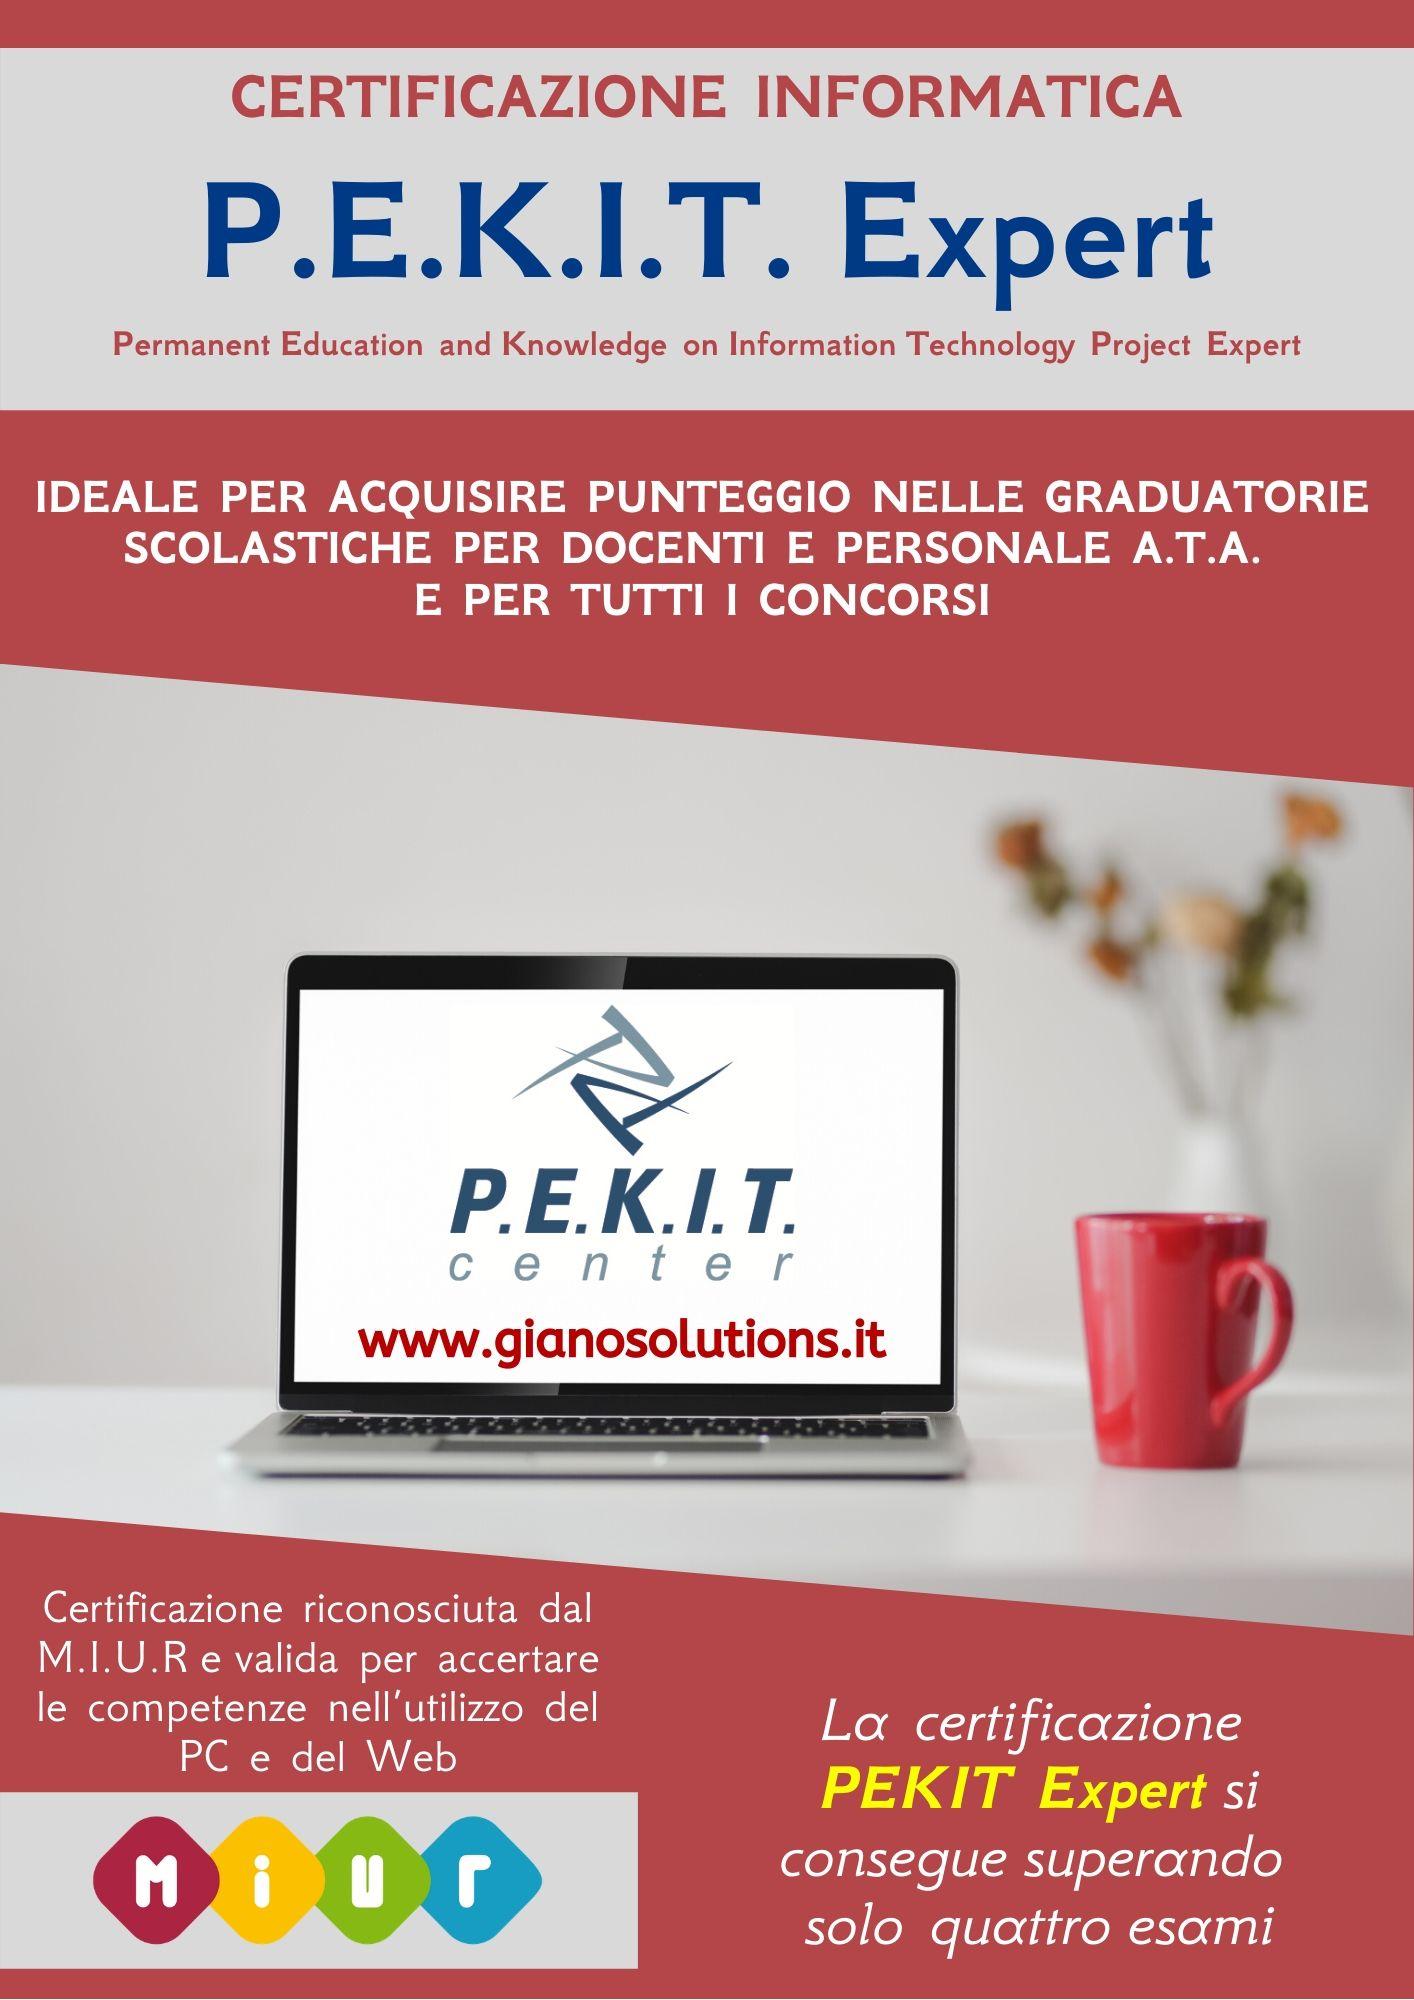 Certificazione informatica P.E.K.I.T. Expert